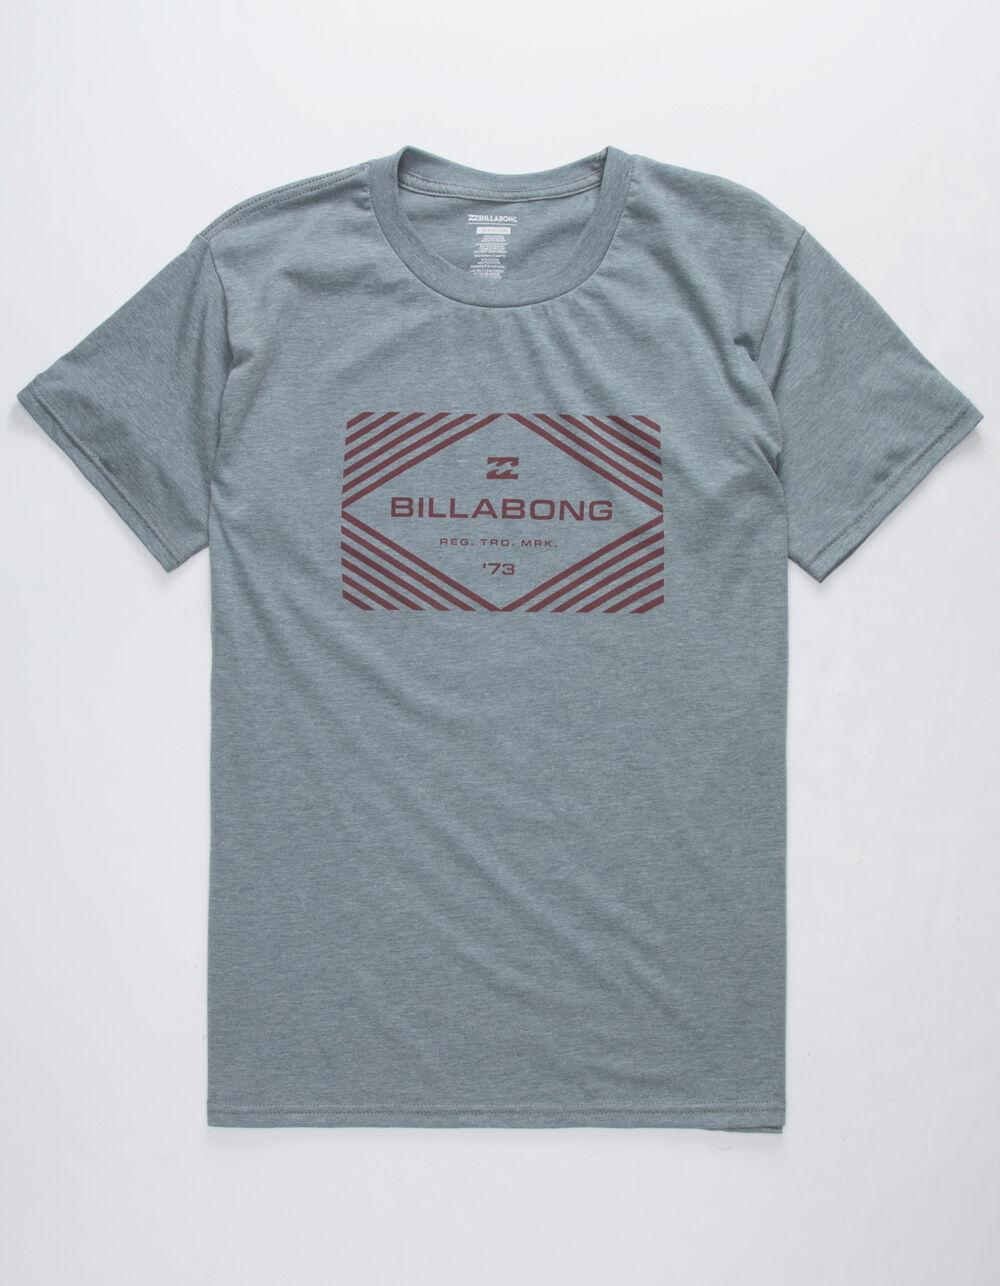 BILLABONG Formula 73 T-Shirt